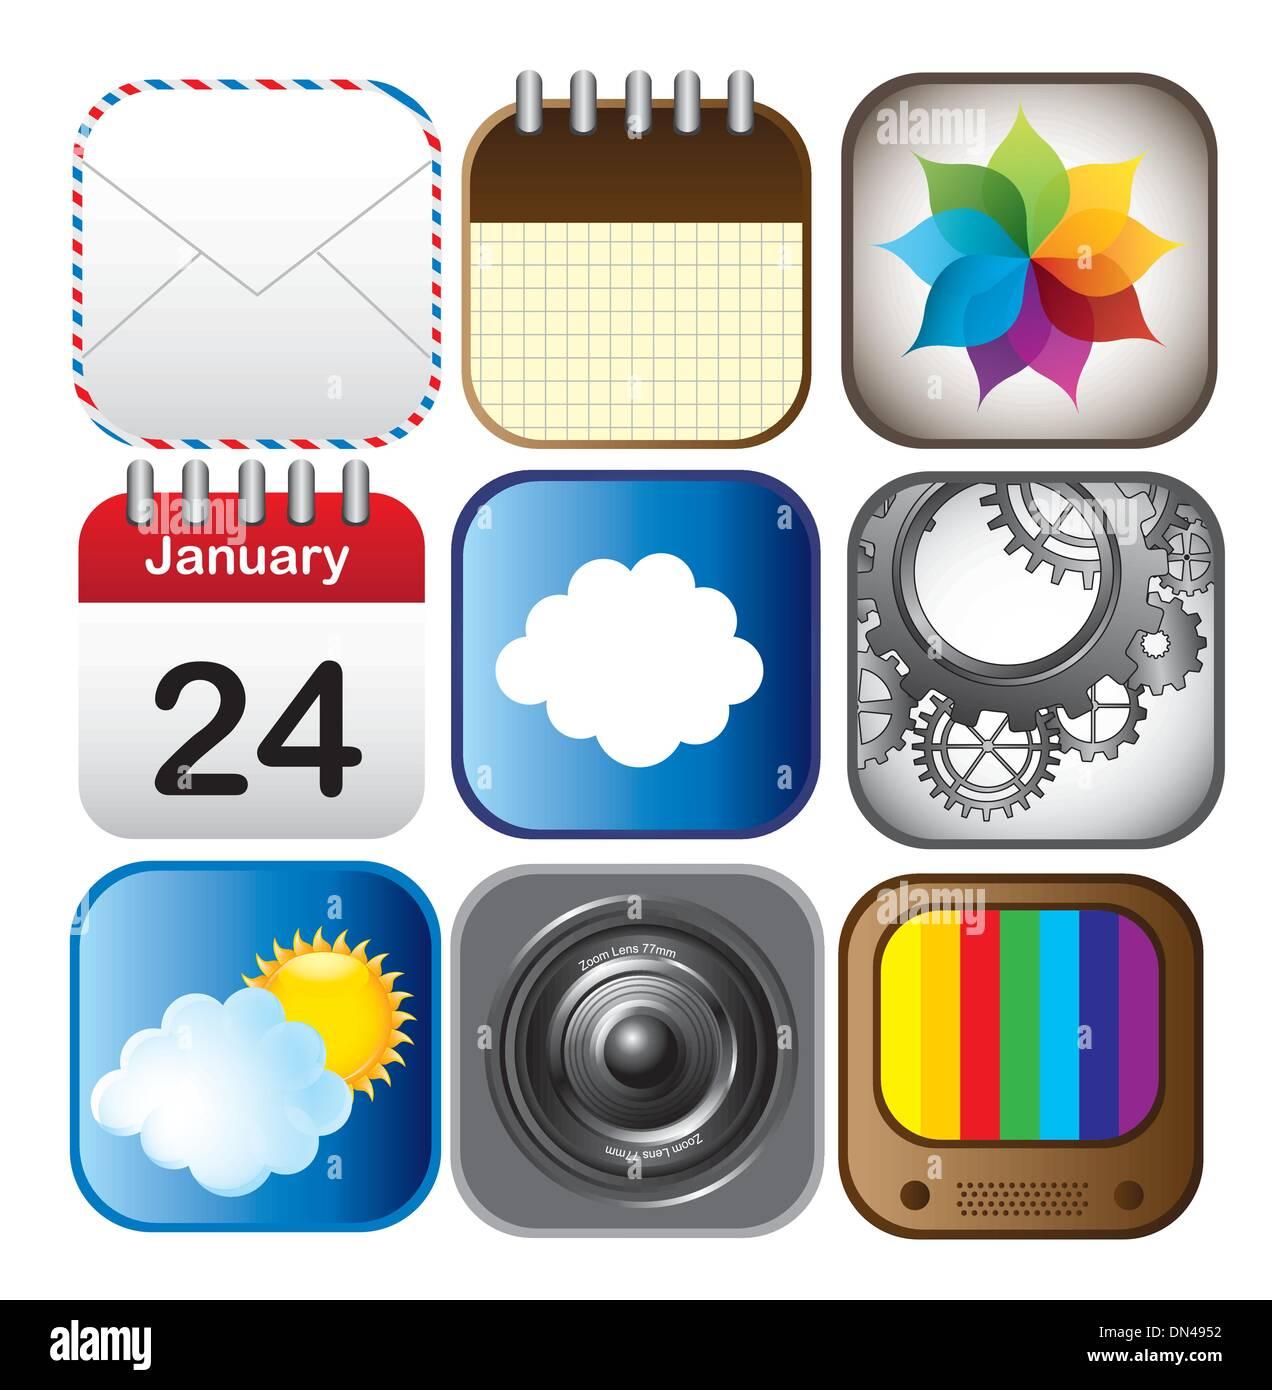 Iconos de aplicaciones Imagen De Stock